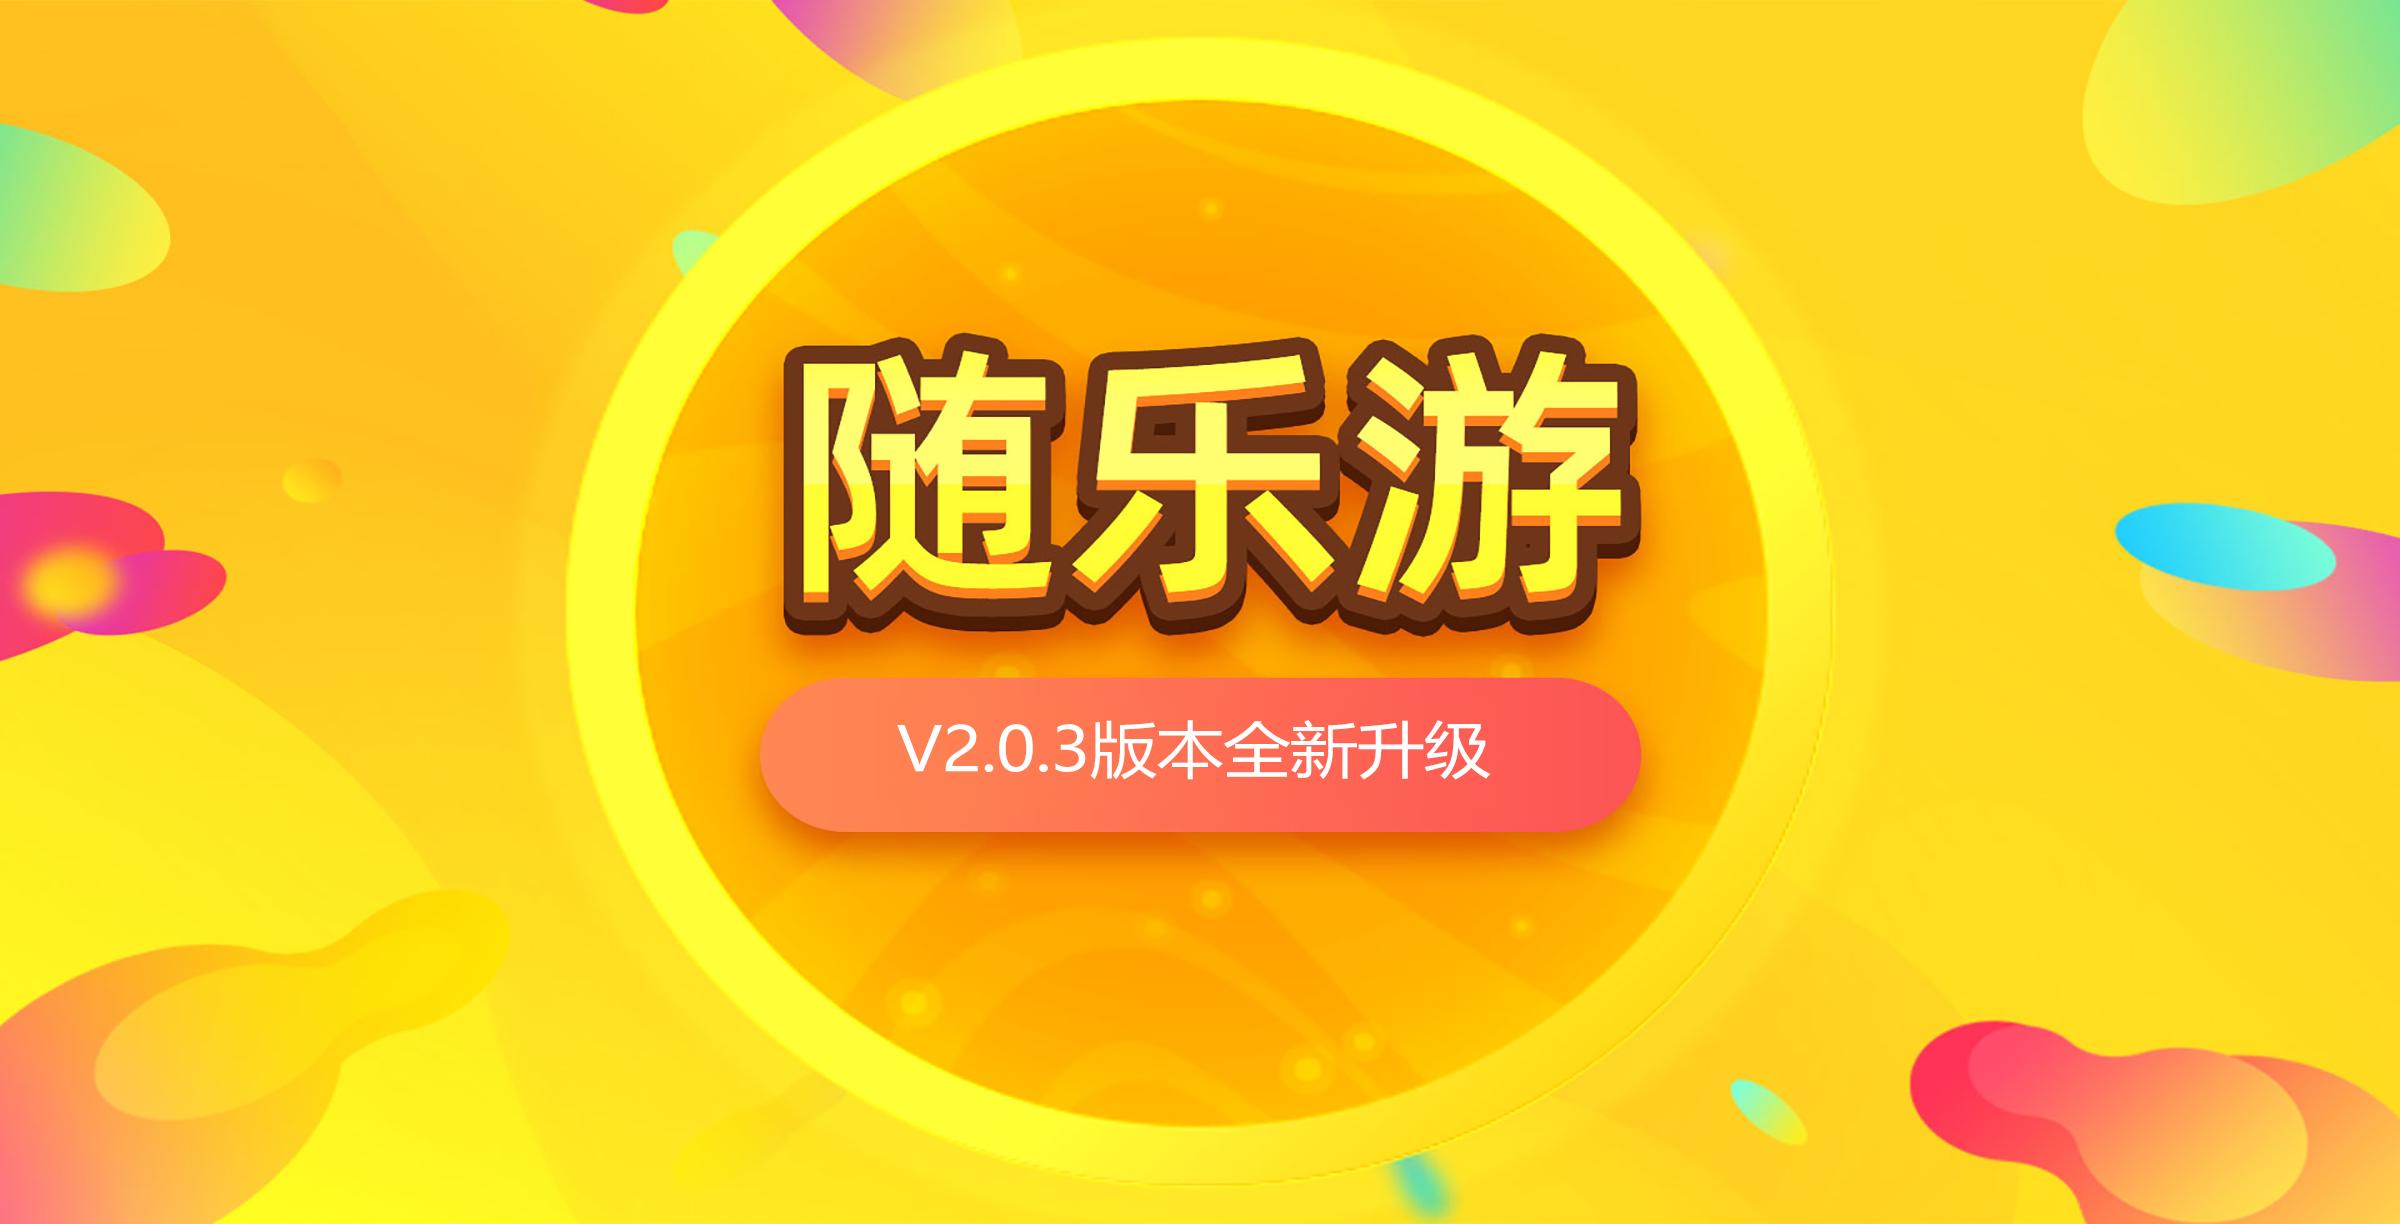 《随乐游》2.0.3版本全新升级